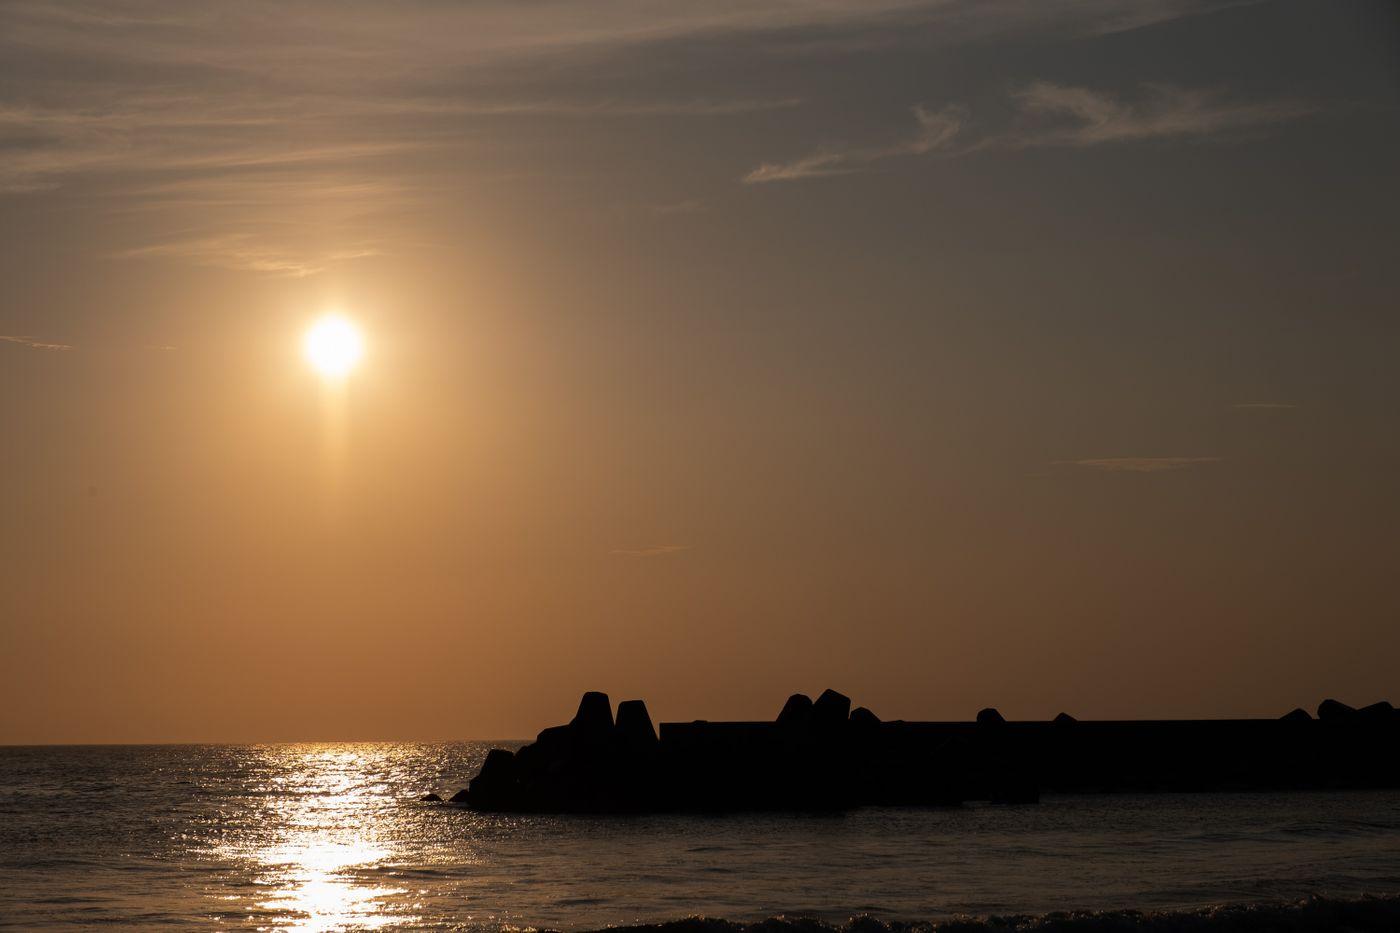 一宮海岸の防波堤のシルエット(千葉県一宮町)の写真